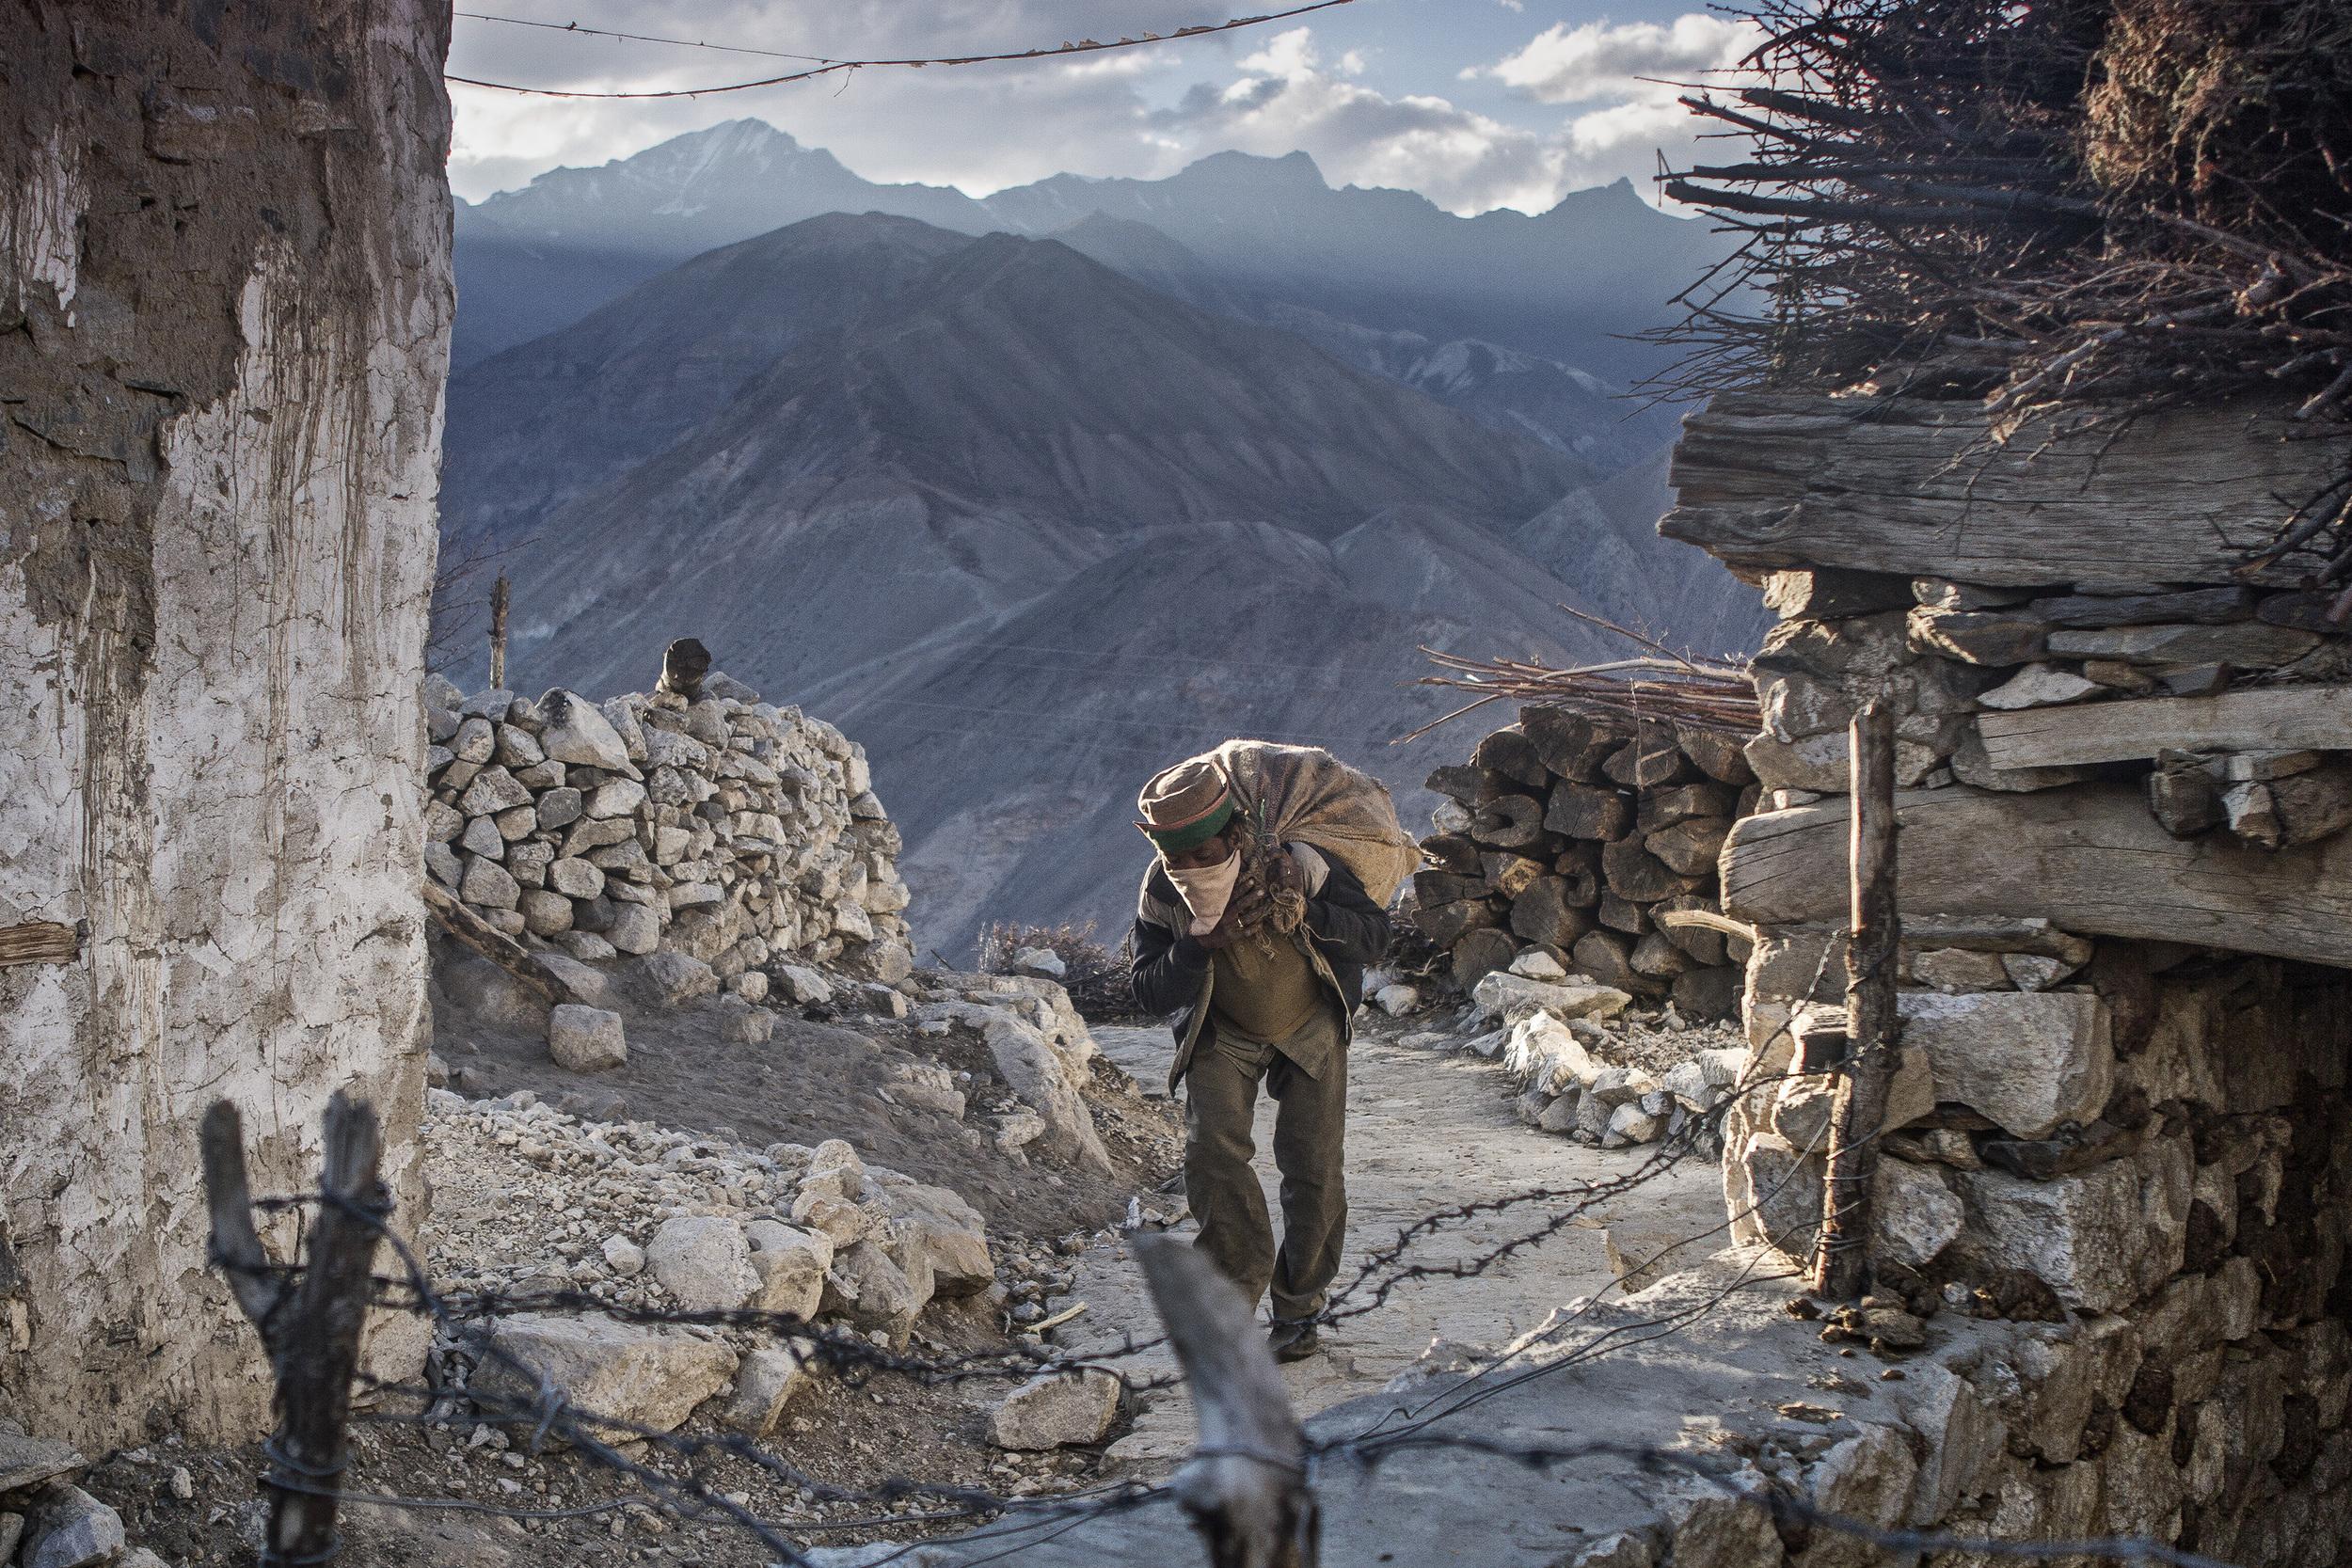 1 October, 2012 - Nako   Village (12,014ft)   Laborer